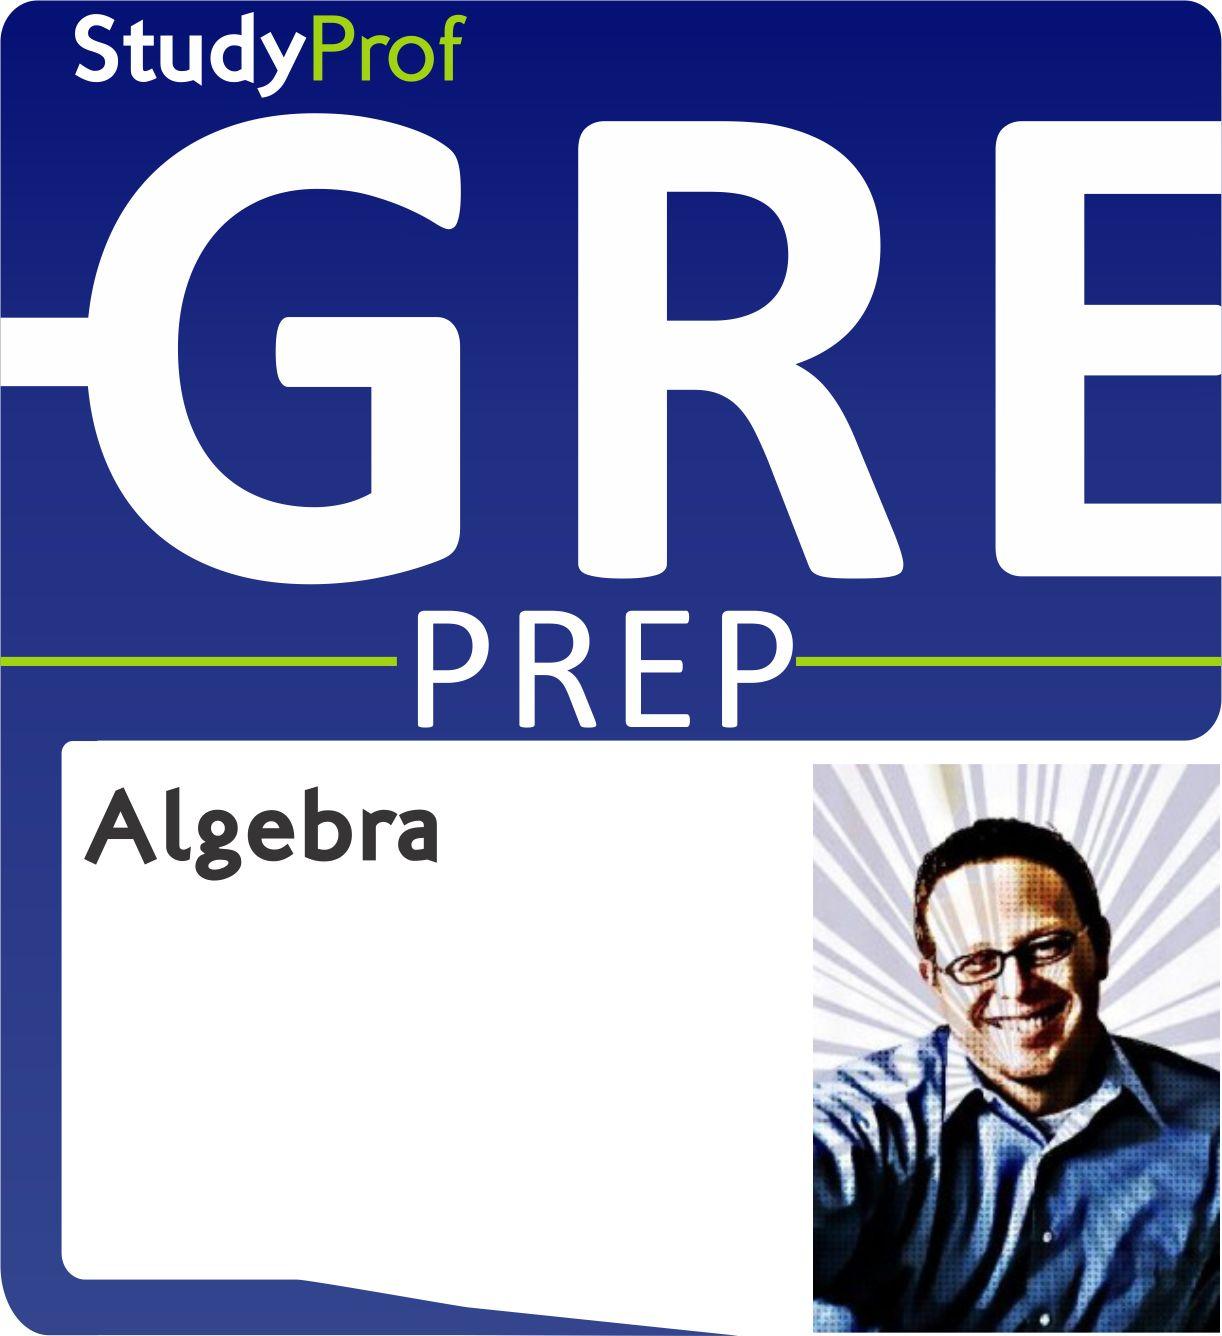 StudyProf GRE Prep - Algebra